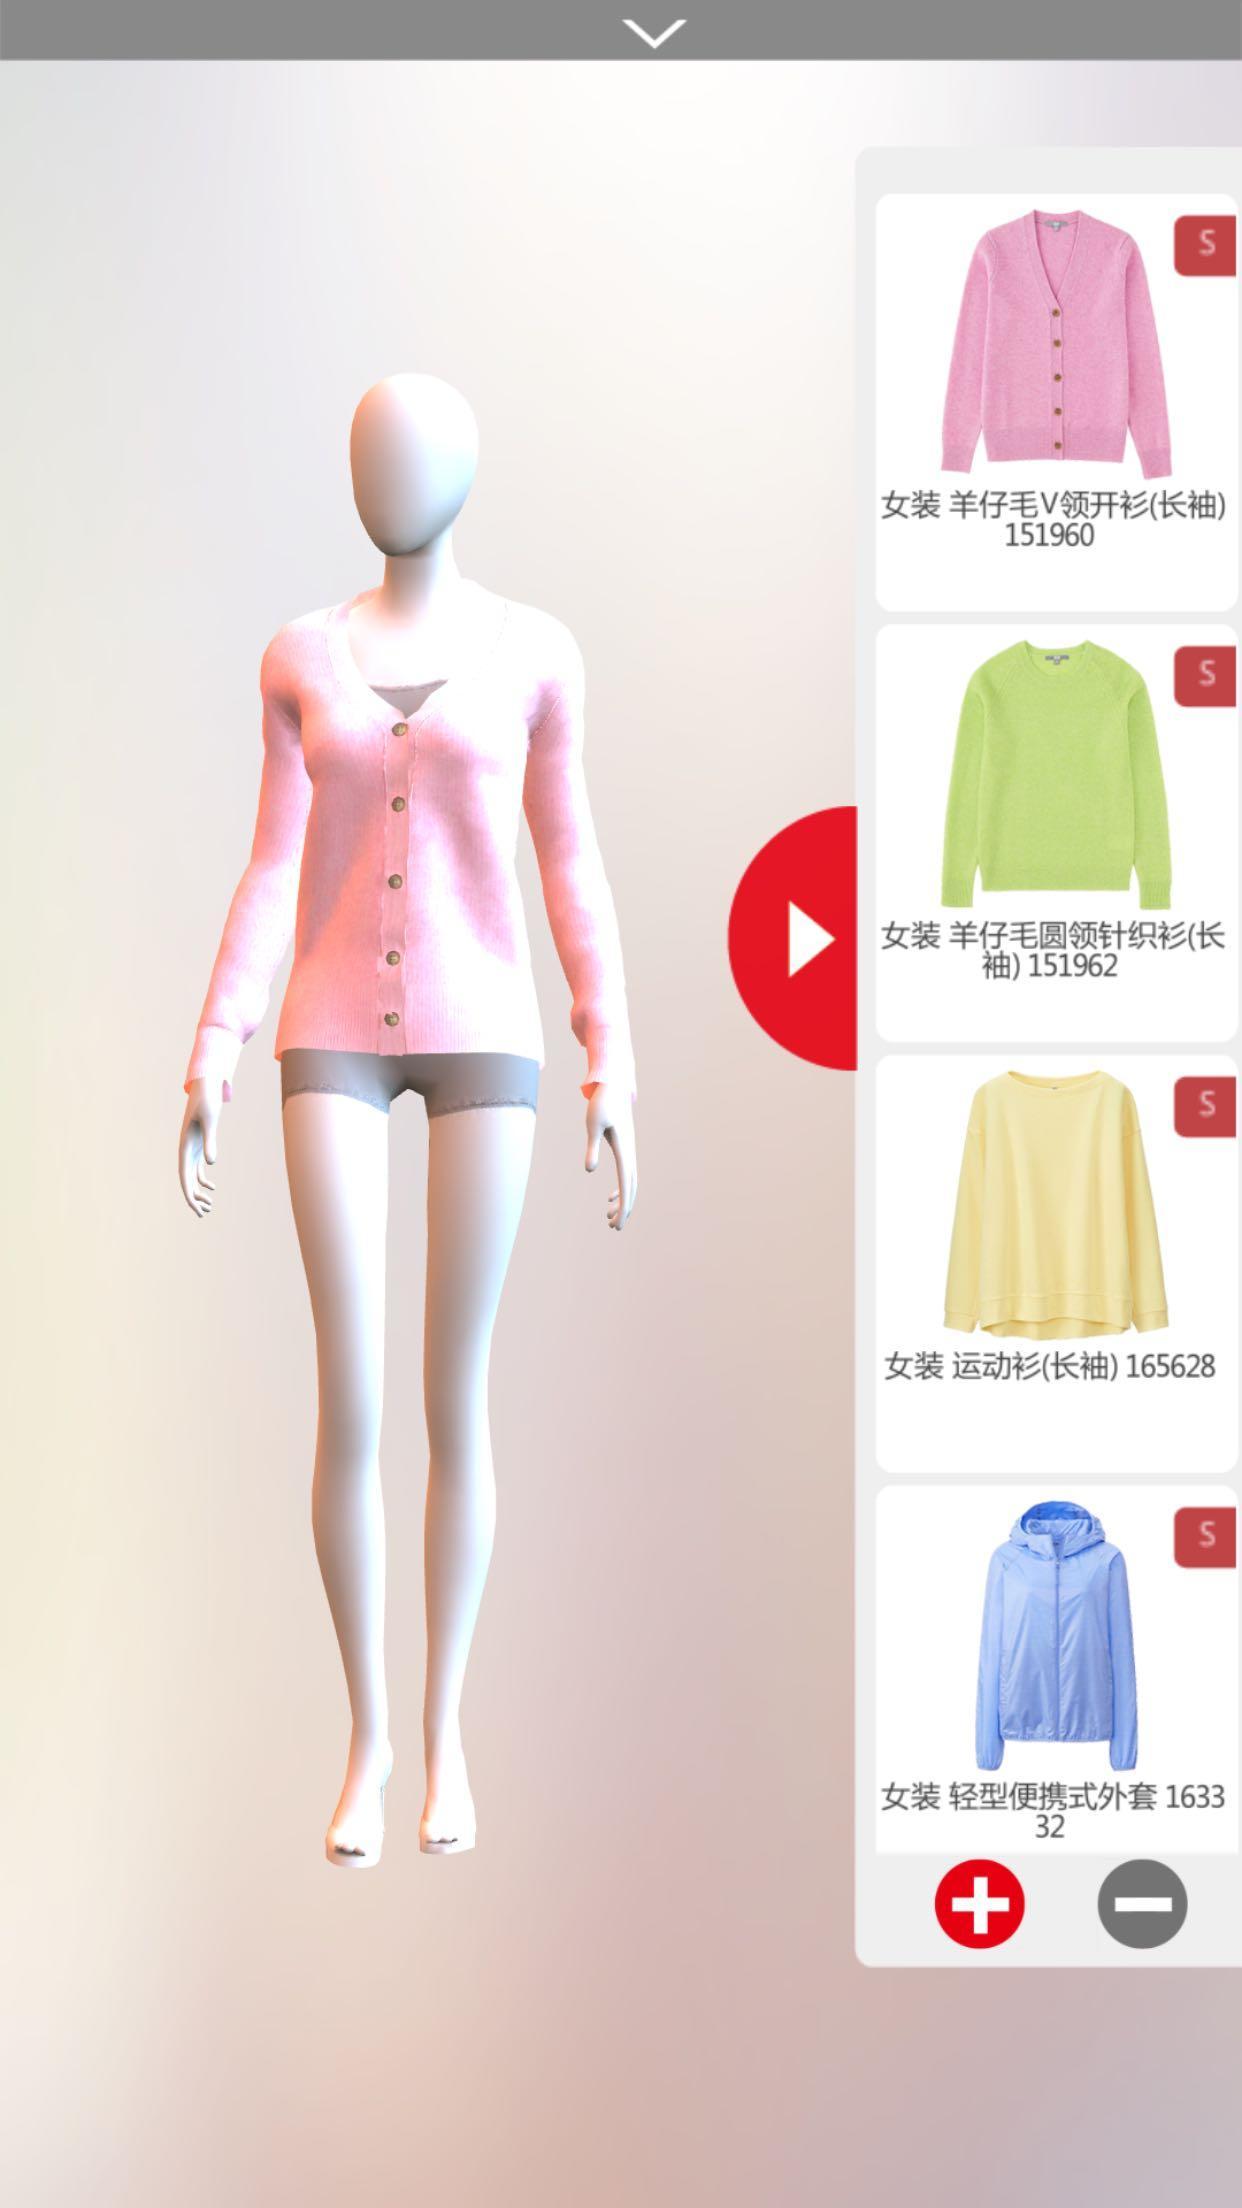 试衣app_现在有哪些提供虚拟试衣的网站或者公司? - 知乎